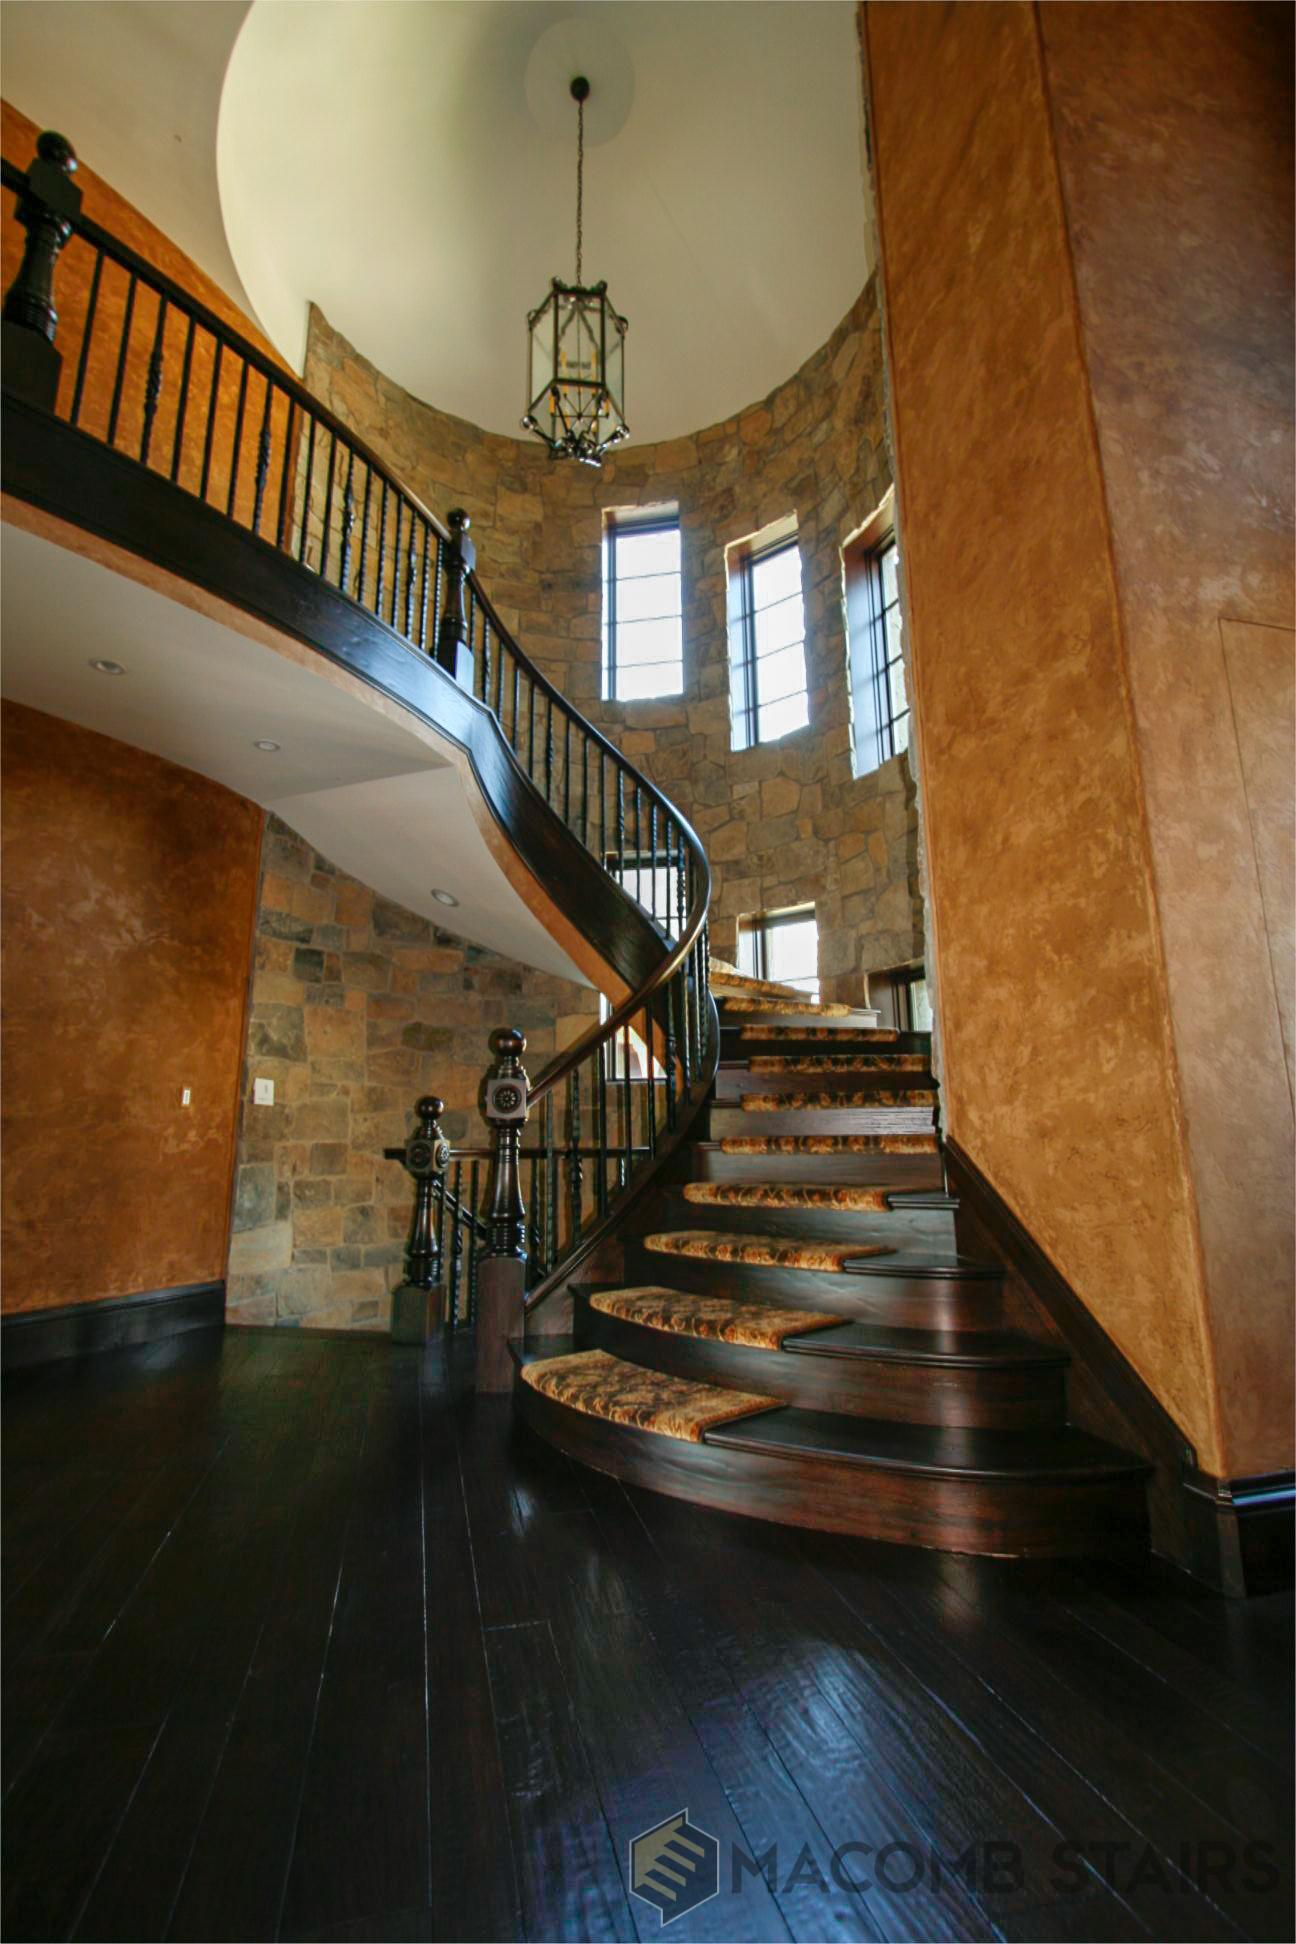 Macomb Stairs- Stair Photo-143.jpg